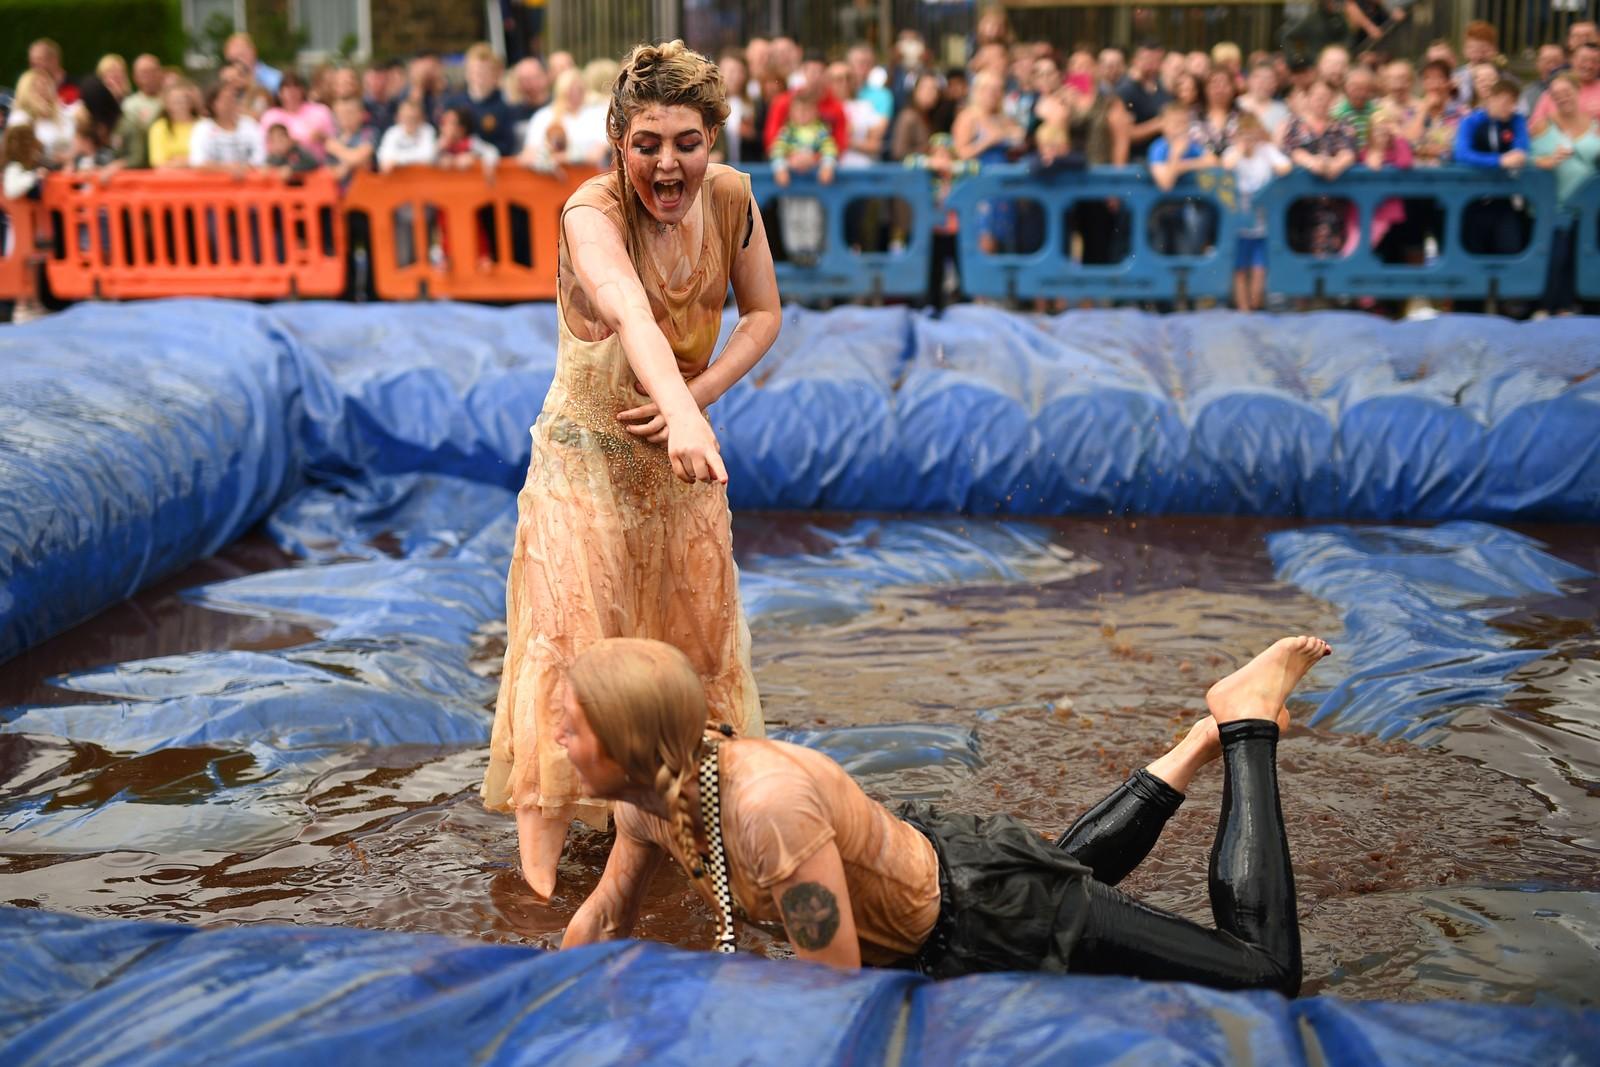 """Litt skadefryd må være lov når motstanderen har havnet i sausen. Dette bildet er fra den tiende utgaven av """"World Gravy Wrestling Championships"""" som arrangeres ved Bacup i England. Deltakerne kler seg ut og bryter i to minutter i et basseng med sjy."""